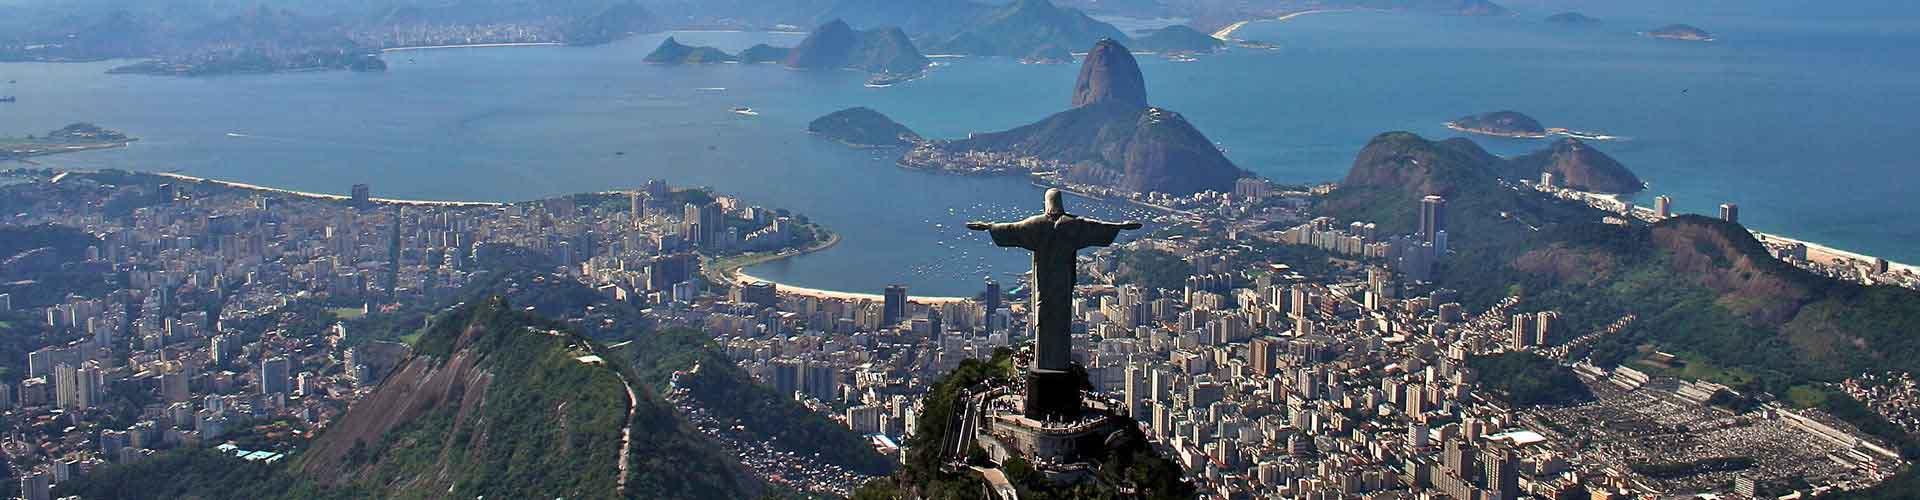 Rio de Janeiro - Szobák Glória városrészen. Rio de Janeiro térképek, fotók, és ajánlások minden egyes Rio de Janeiro szobáról.